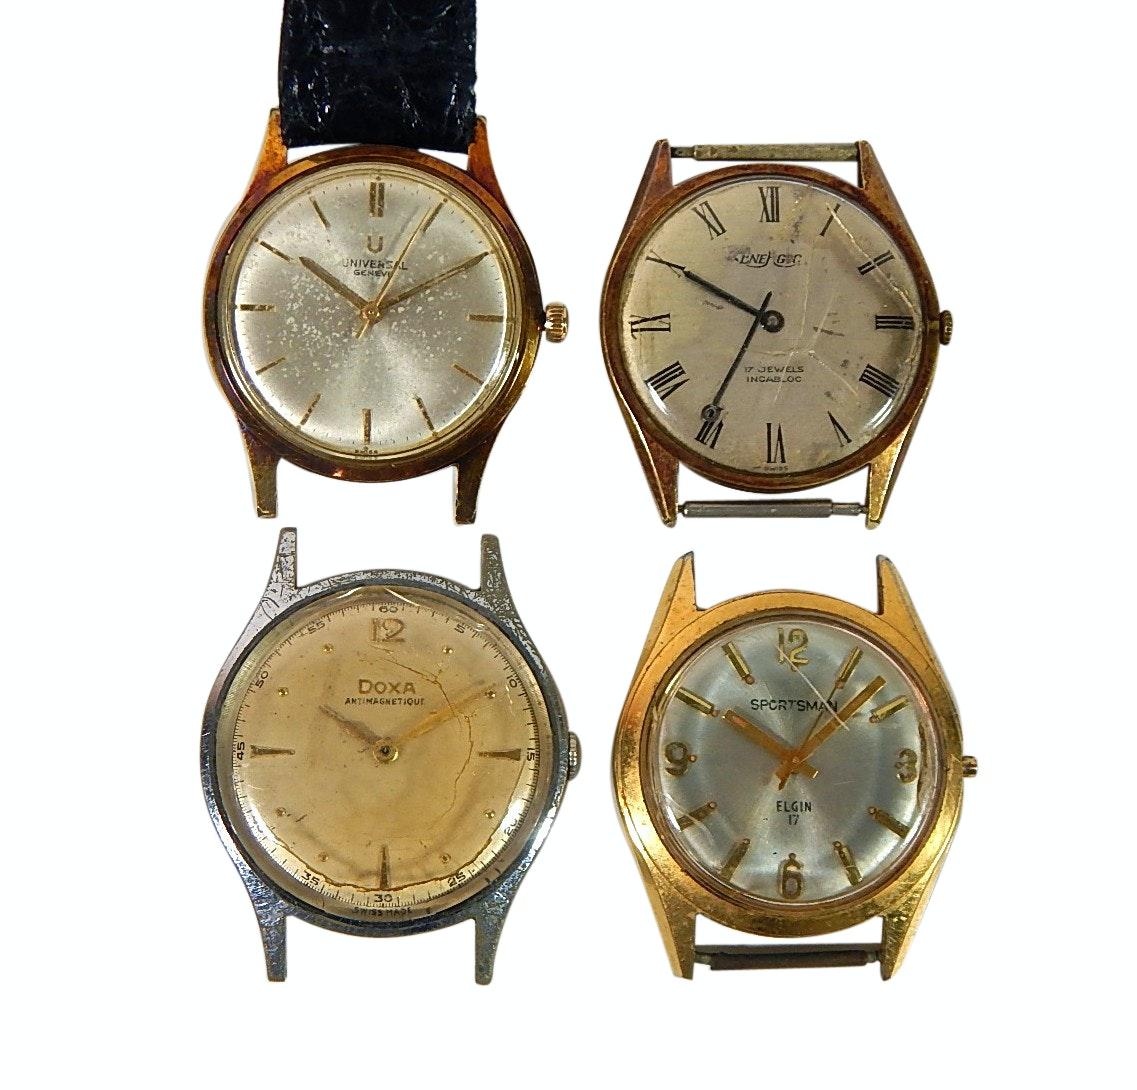 Four Piece Lot of Wristwatch Parts - Doxa, Sportsman Elgin